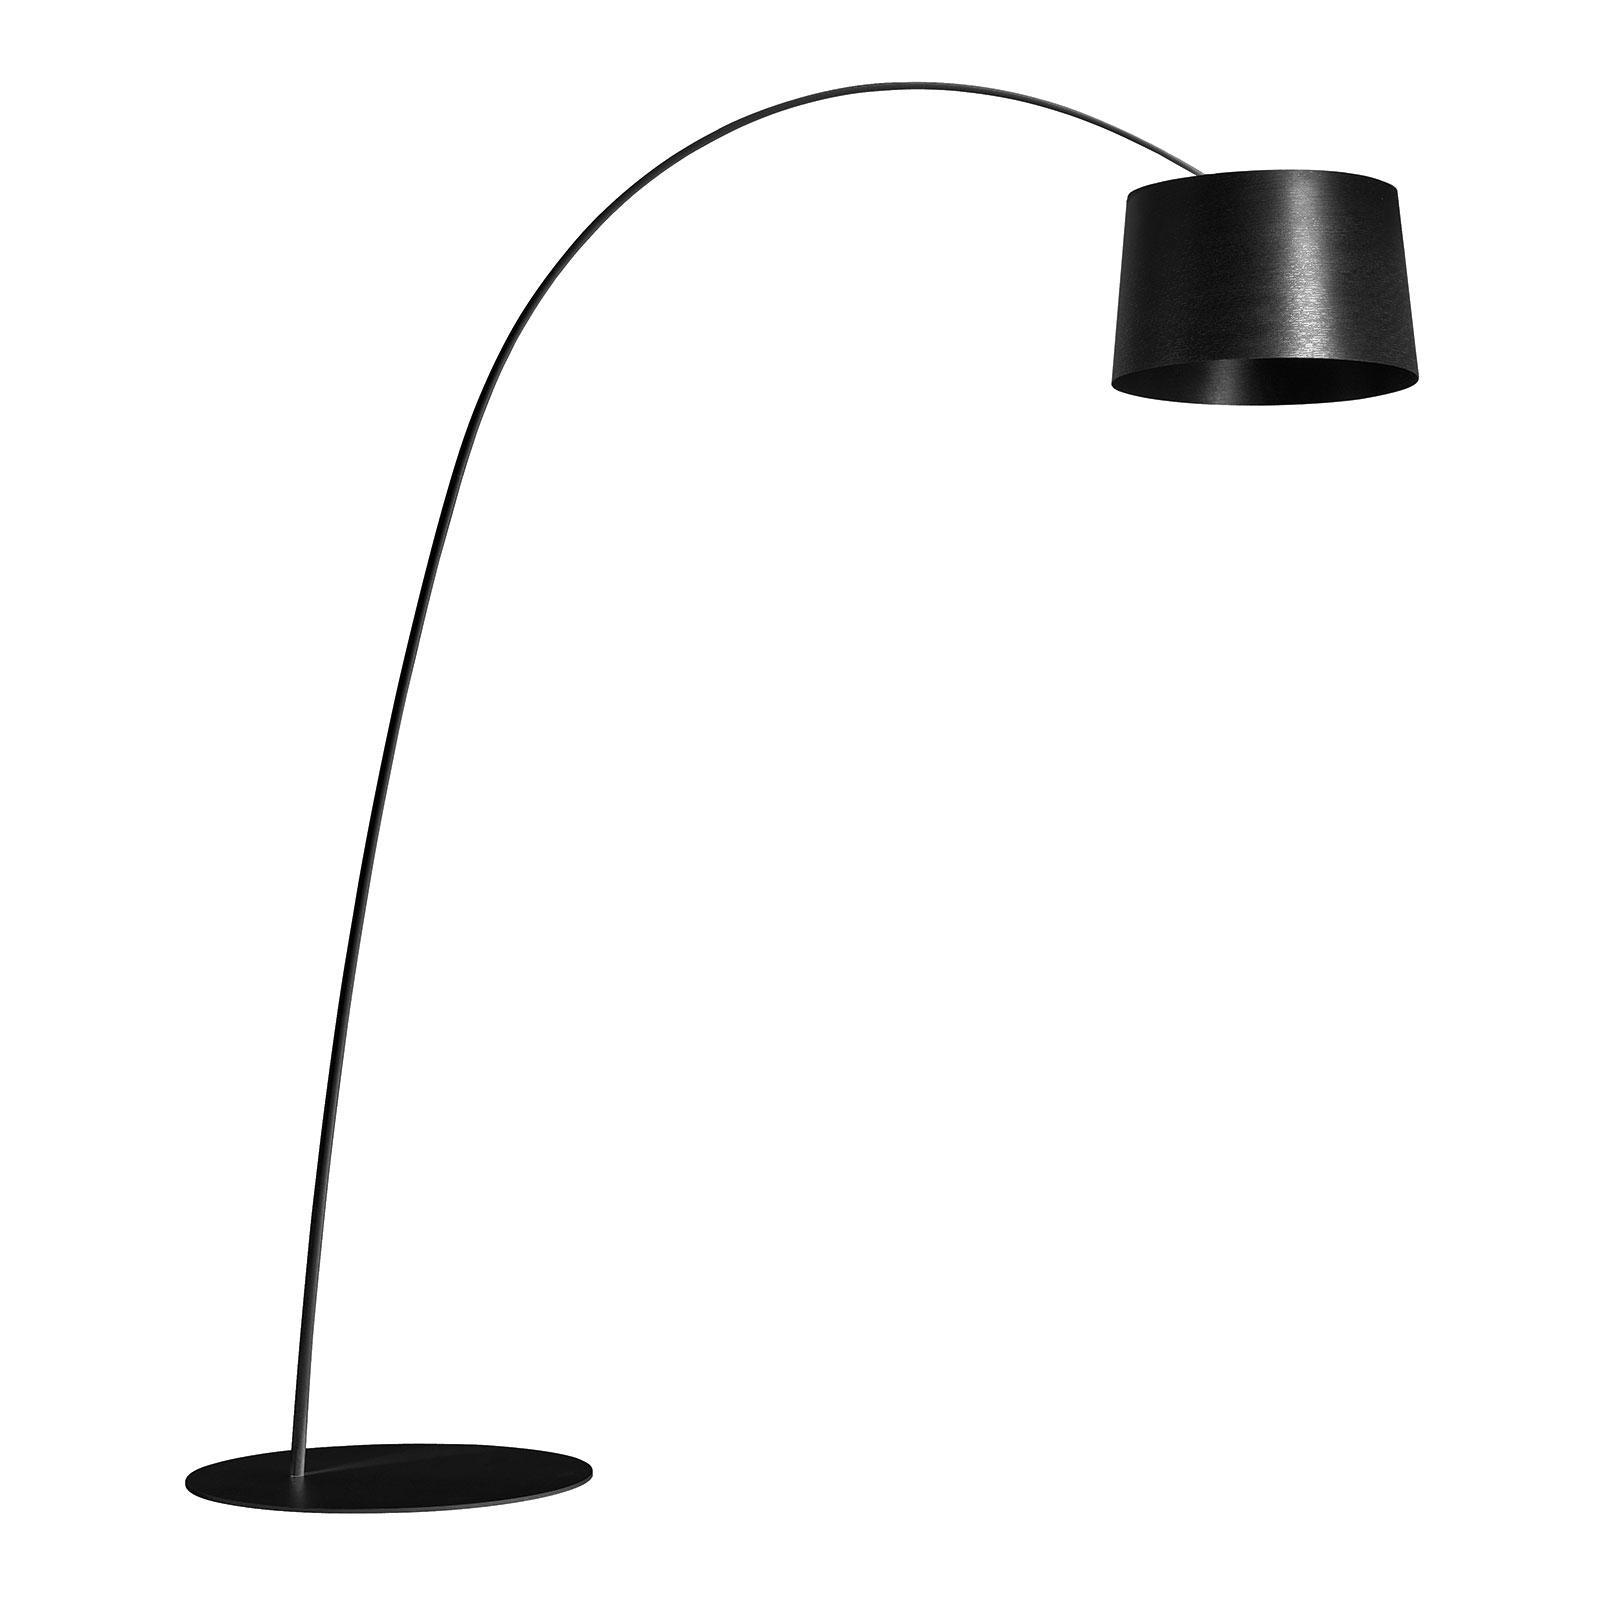 Acquista Foscarini Twiggy lampada LED ad arco con dimmer